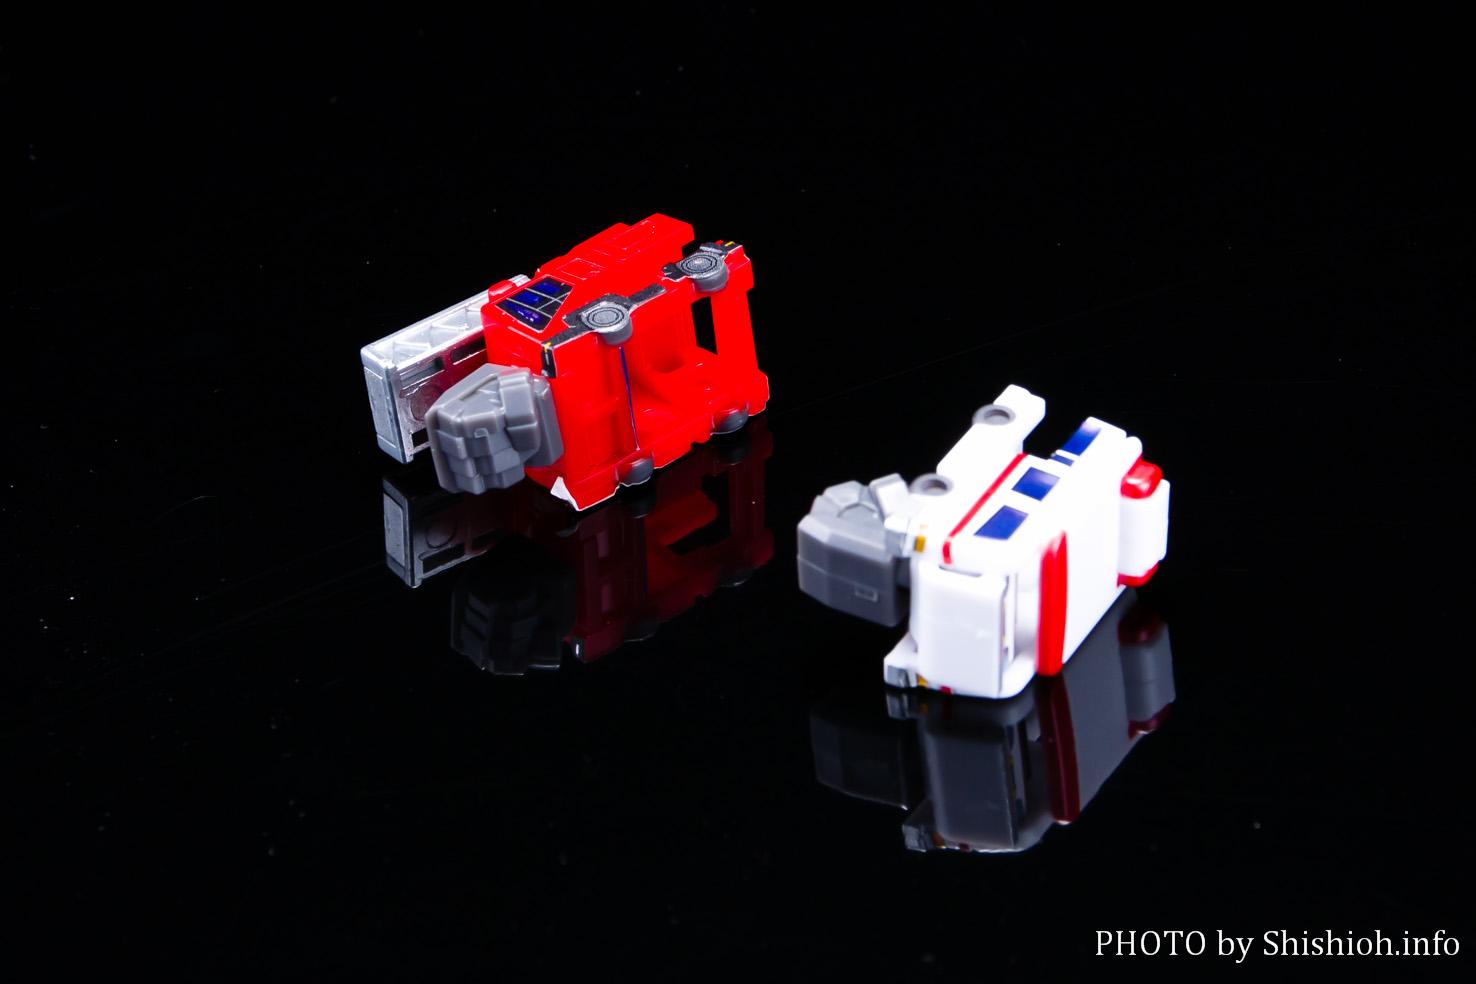 スーパーミニプラ 勇者指令ダグオン (ファイヤーダグオン)